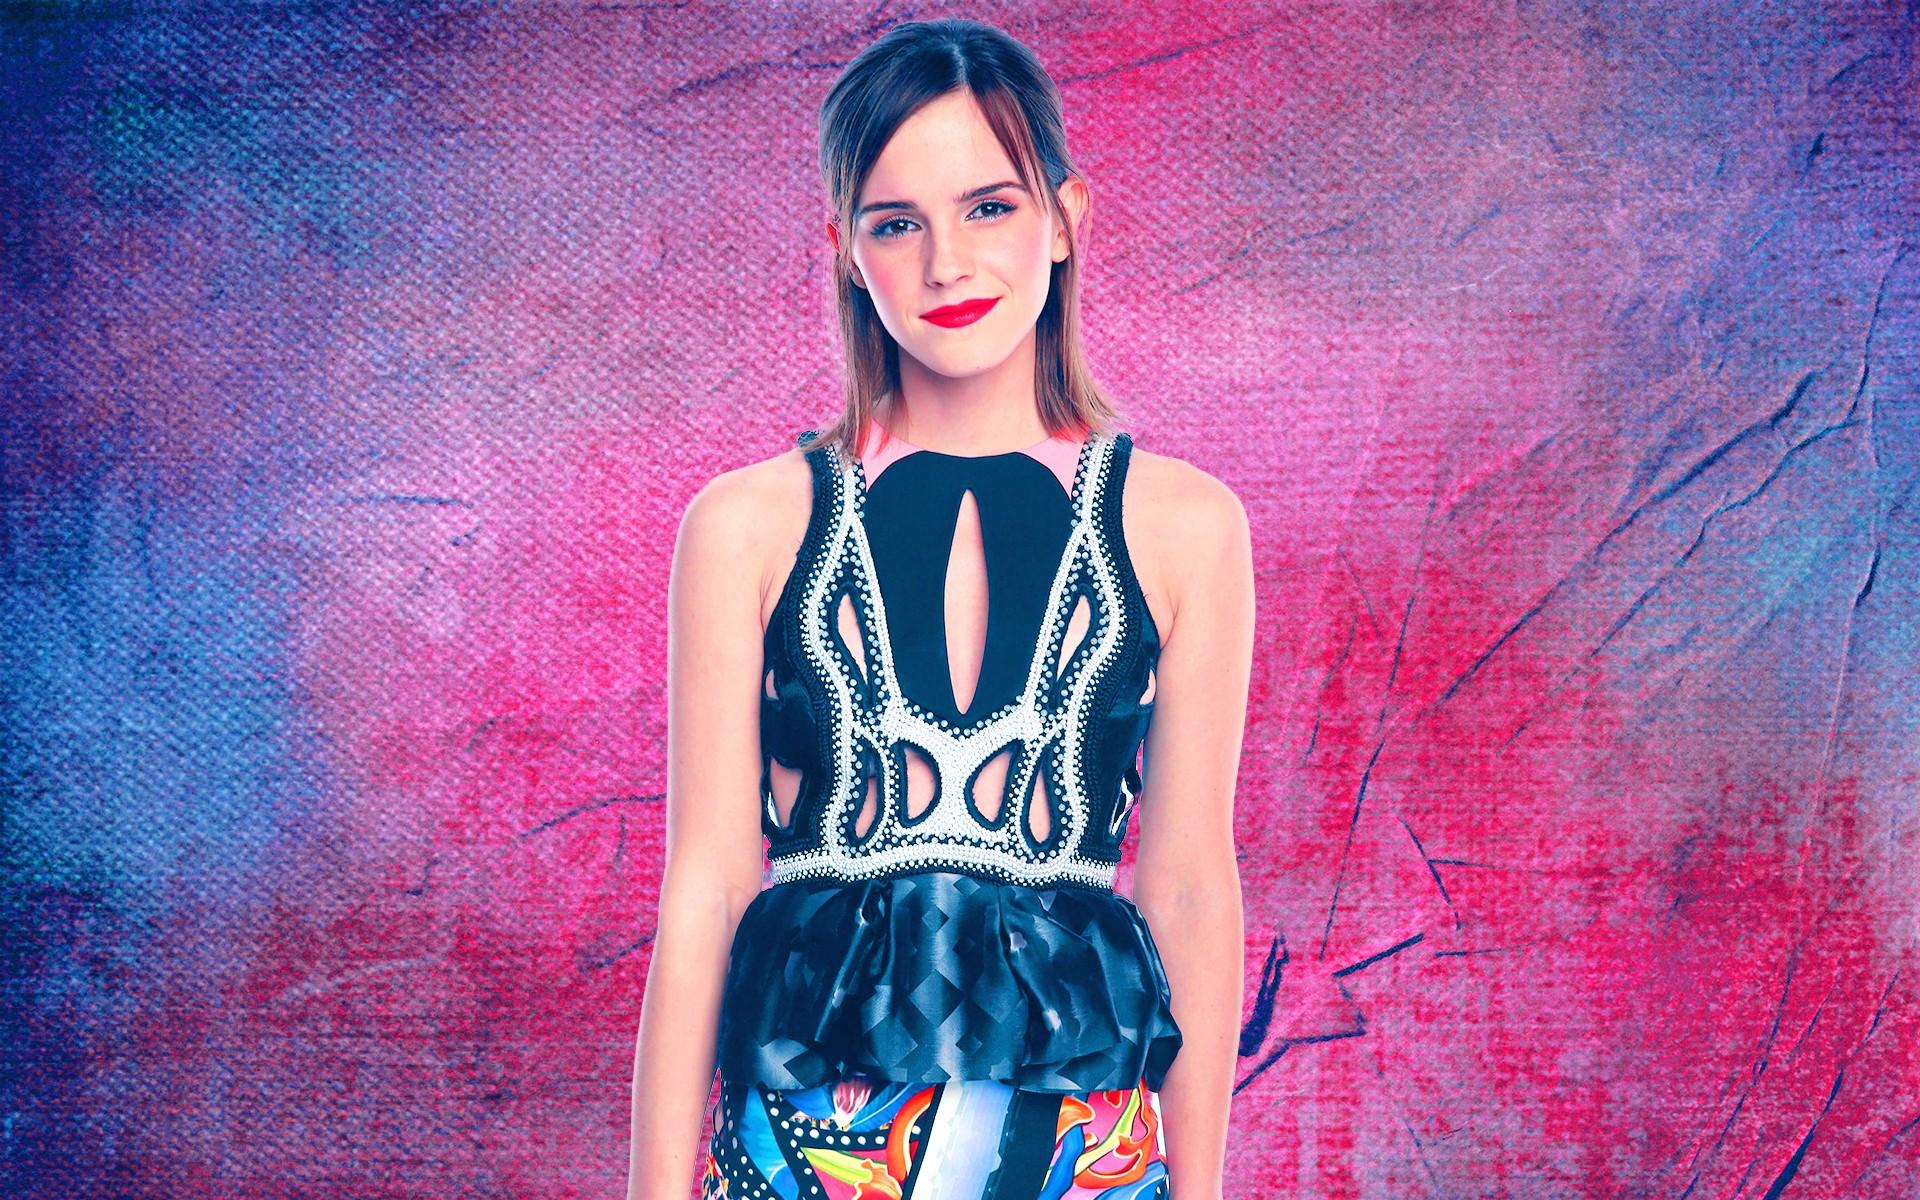 Fotografía Emma Watson - 1920x1200